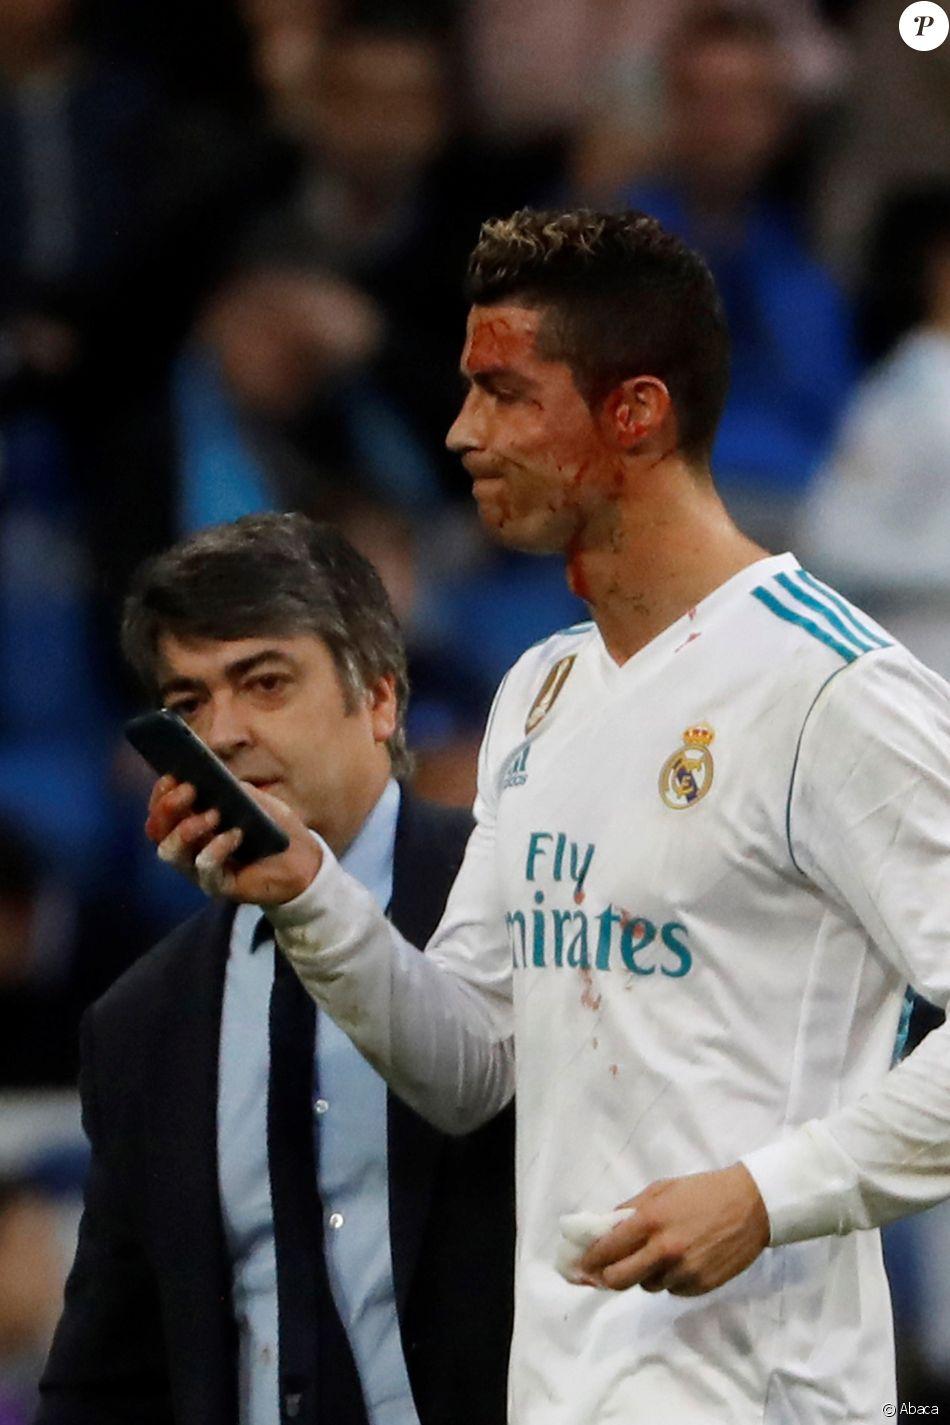 Cristiano Ronaldo a reçu un coup de pied au visage lors du match opposant le Real Madrid au Deportivo, au stade Santiago Bernabeu à Madrid, le 21 janvier 2018